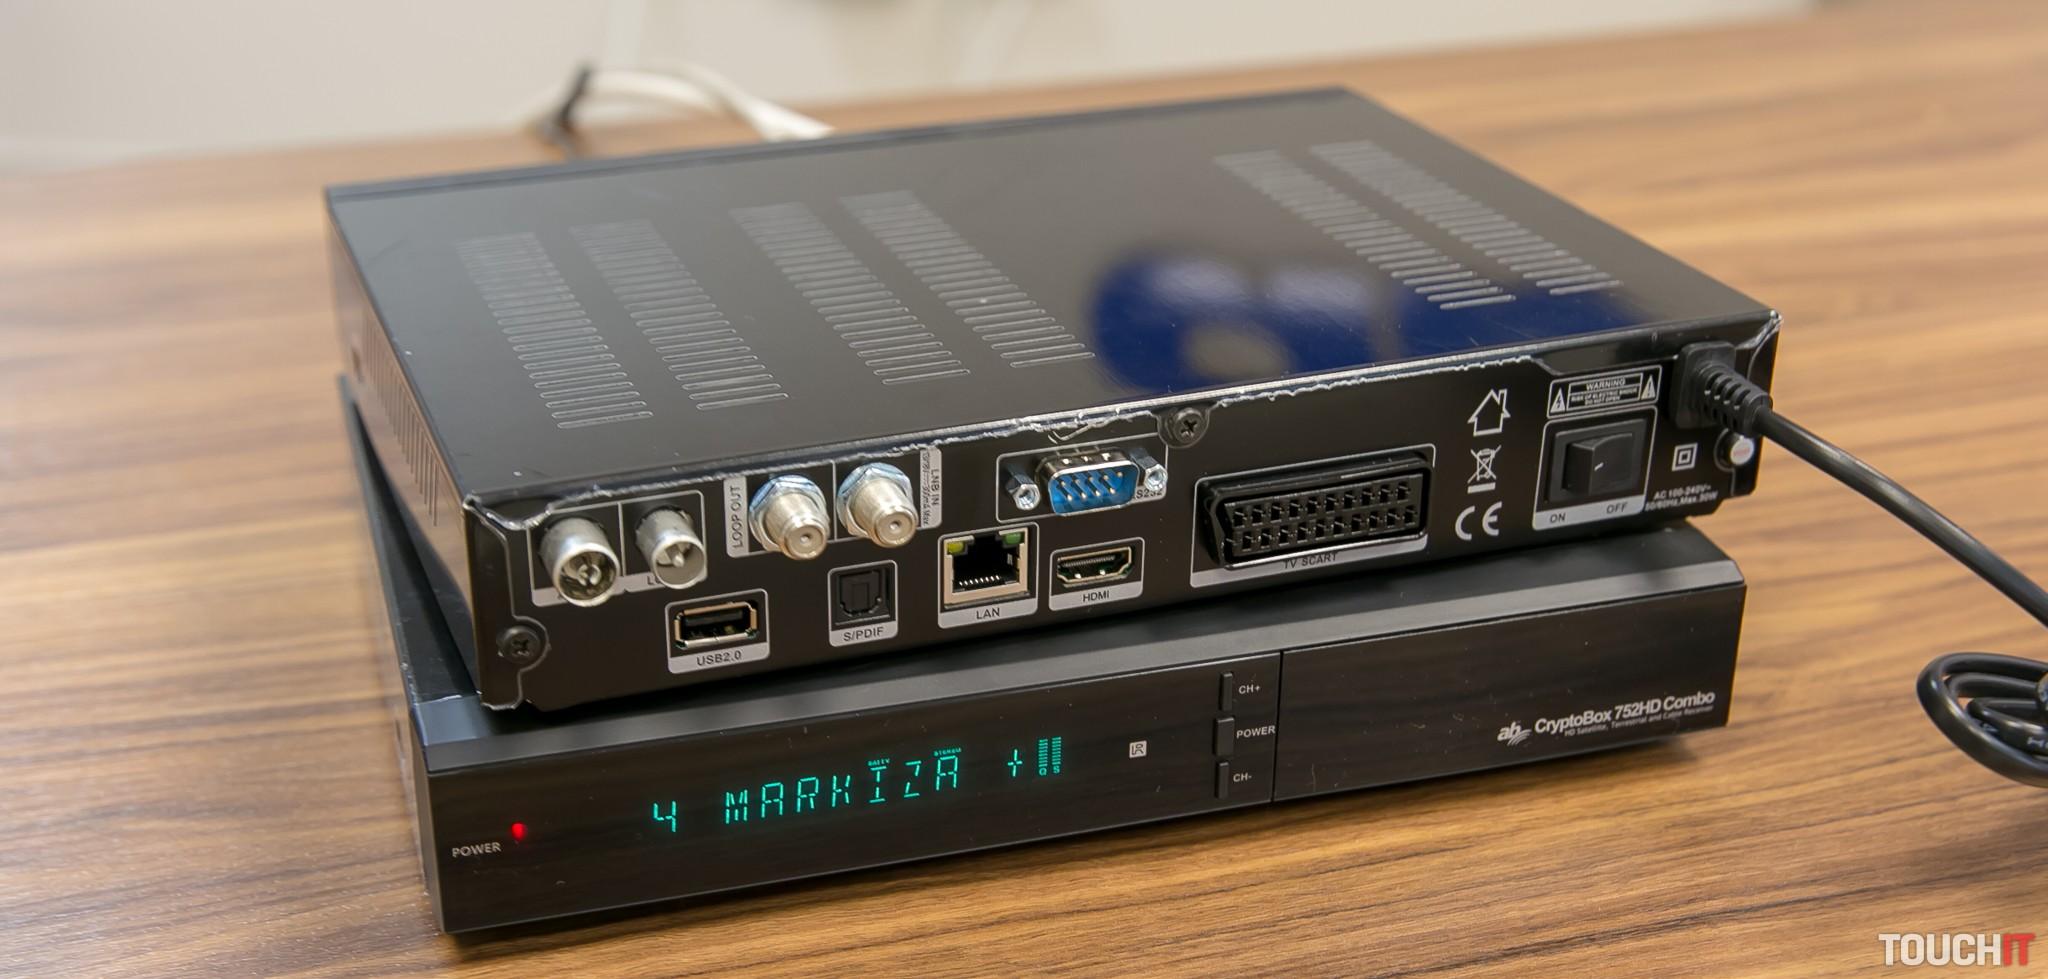 74f71267c VIDEO TOUCHIT: Prichádzajú nové satelitné prijímače AB Cryptobox 750 a 752  Combo